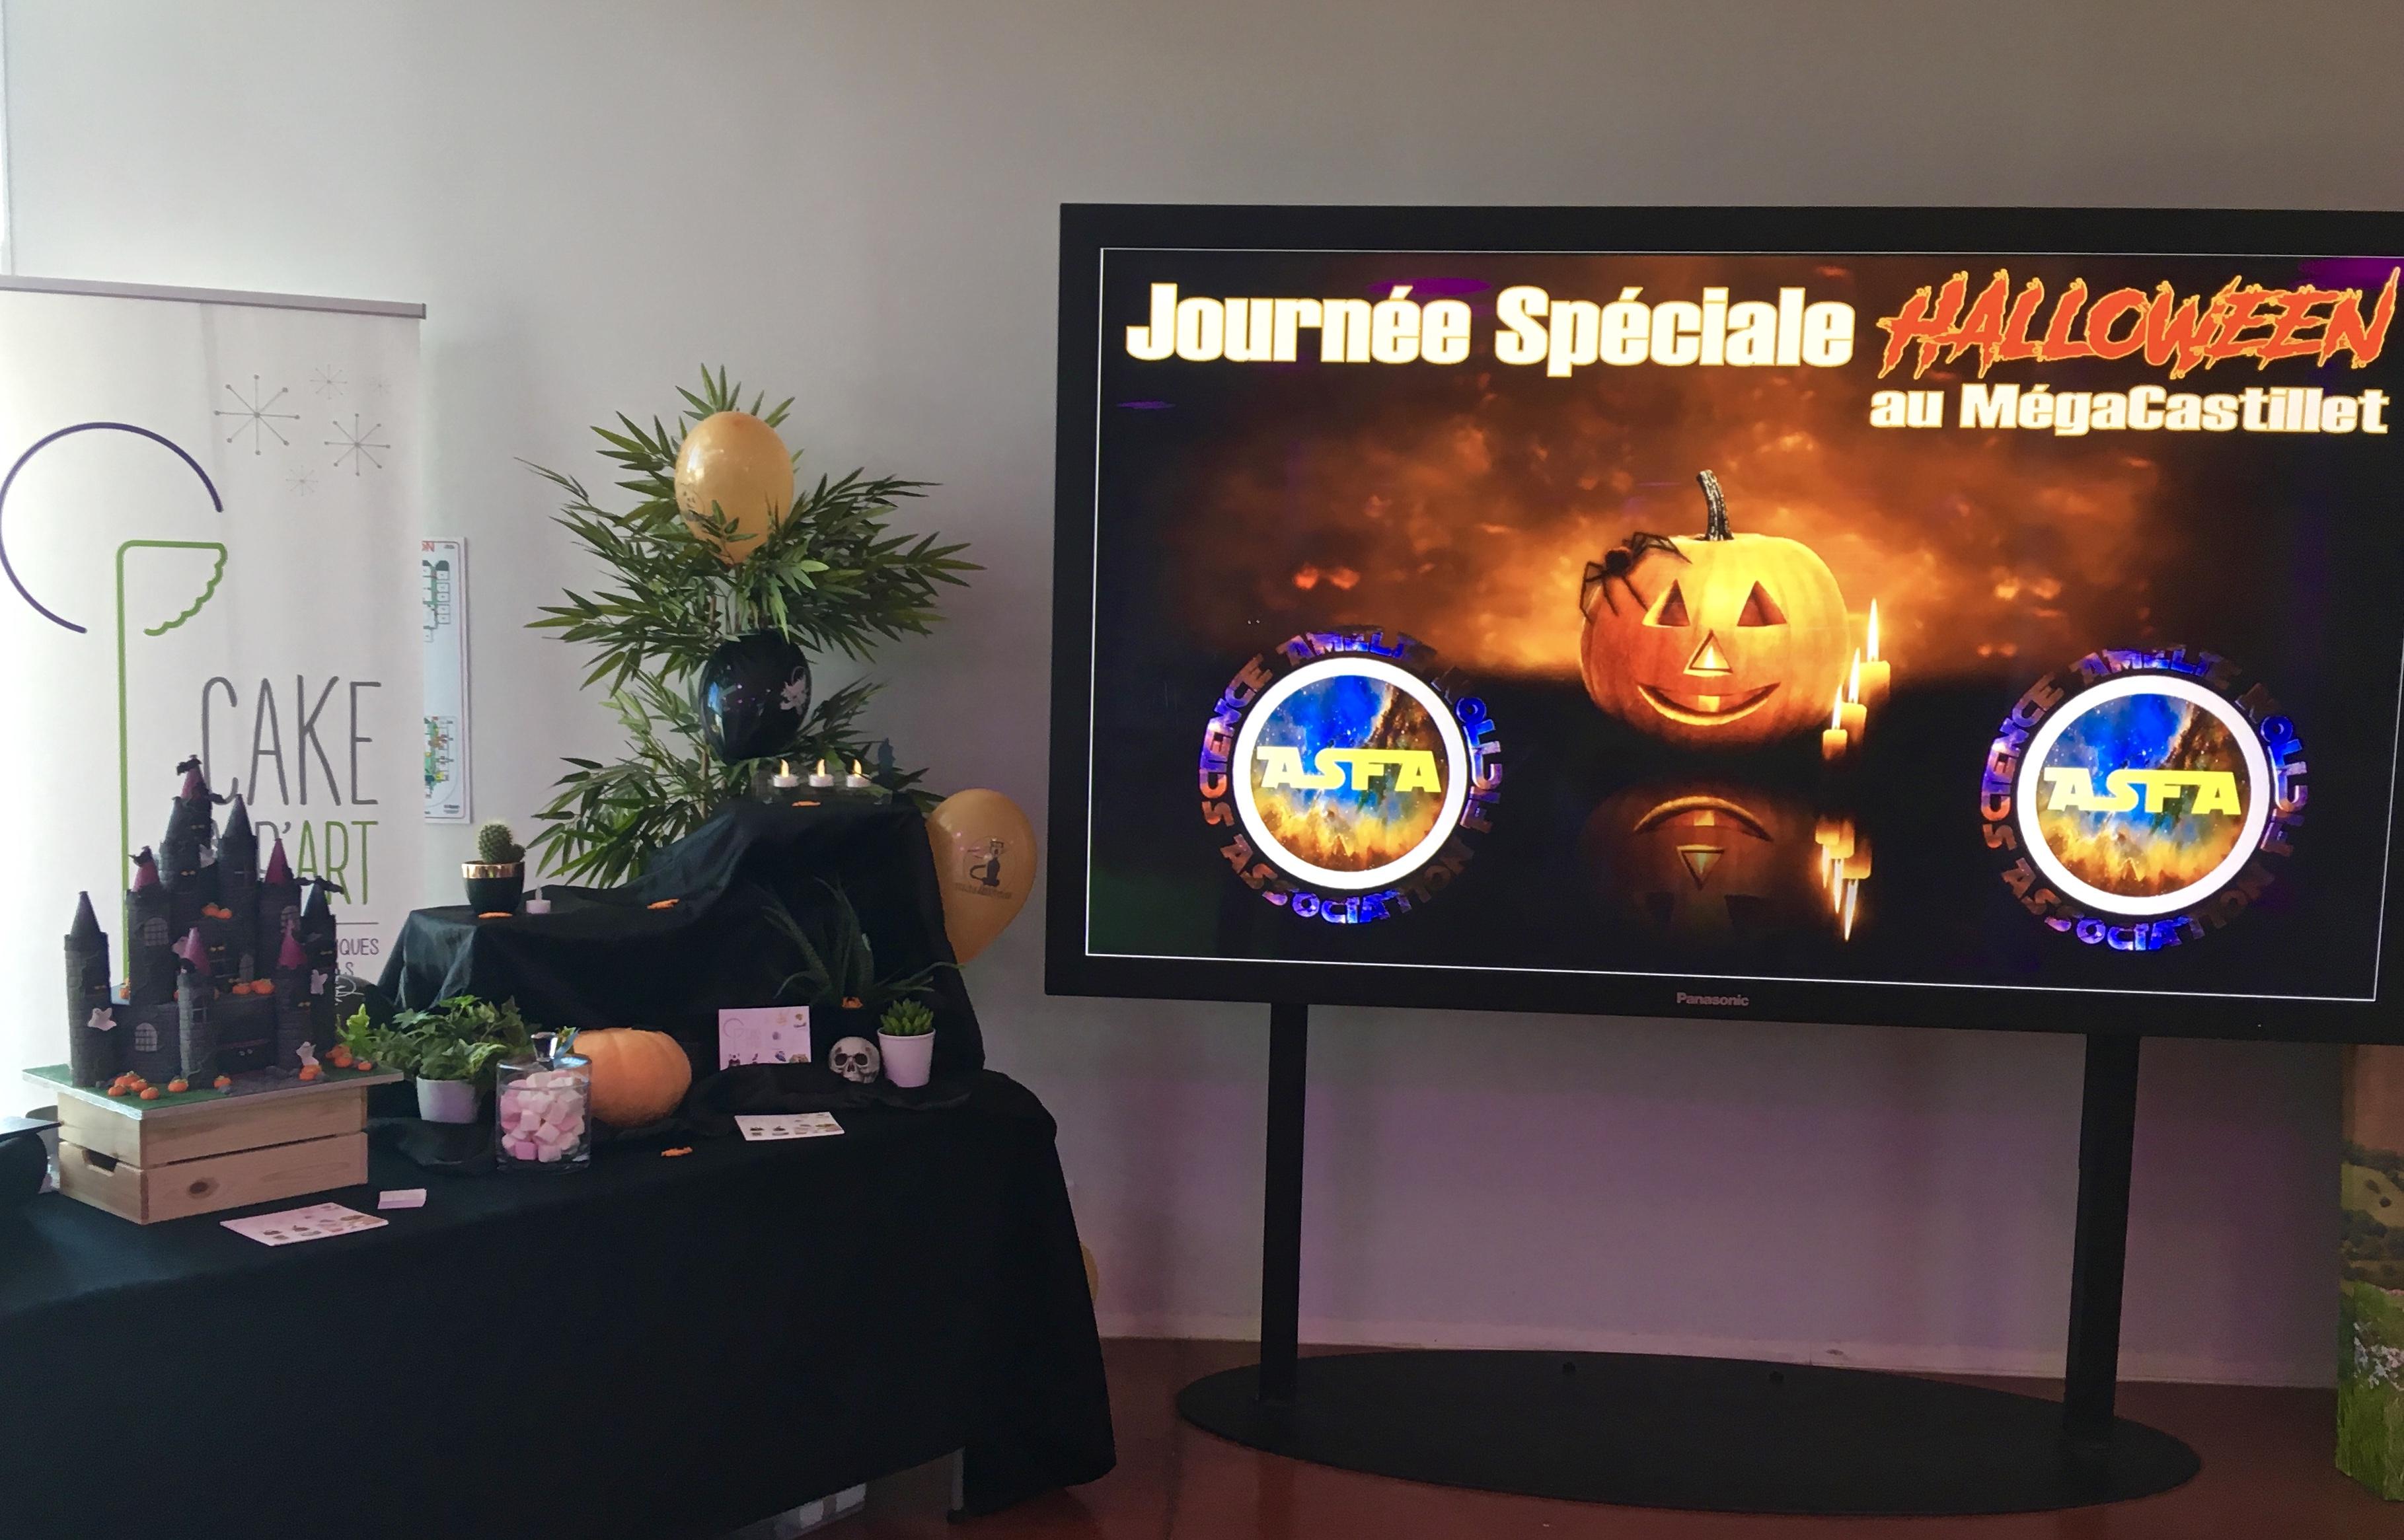 Gâteaux Food Entreprise - Atelier cupcakes Evènement halloween Cinéma Méga Castillet Perpignan